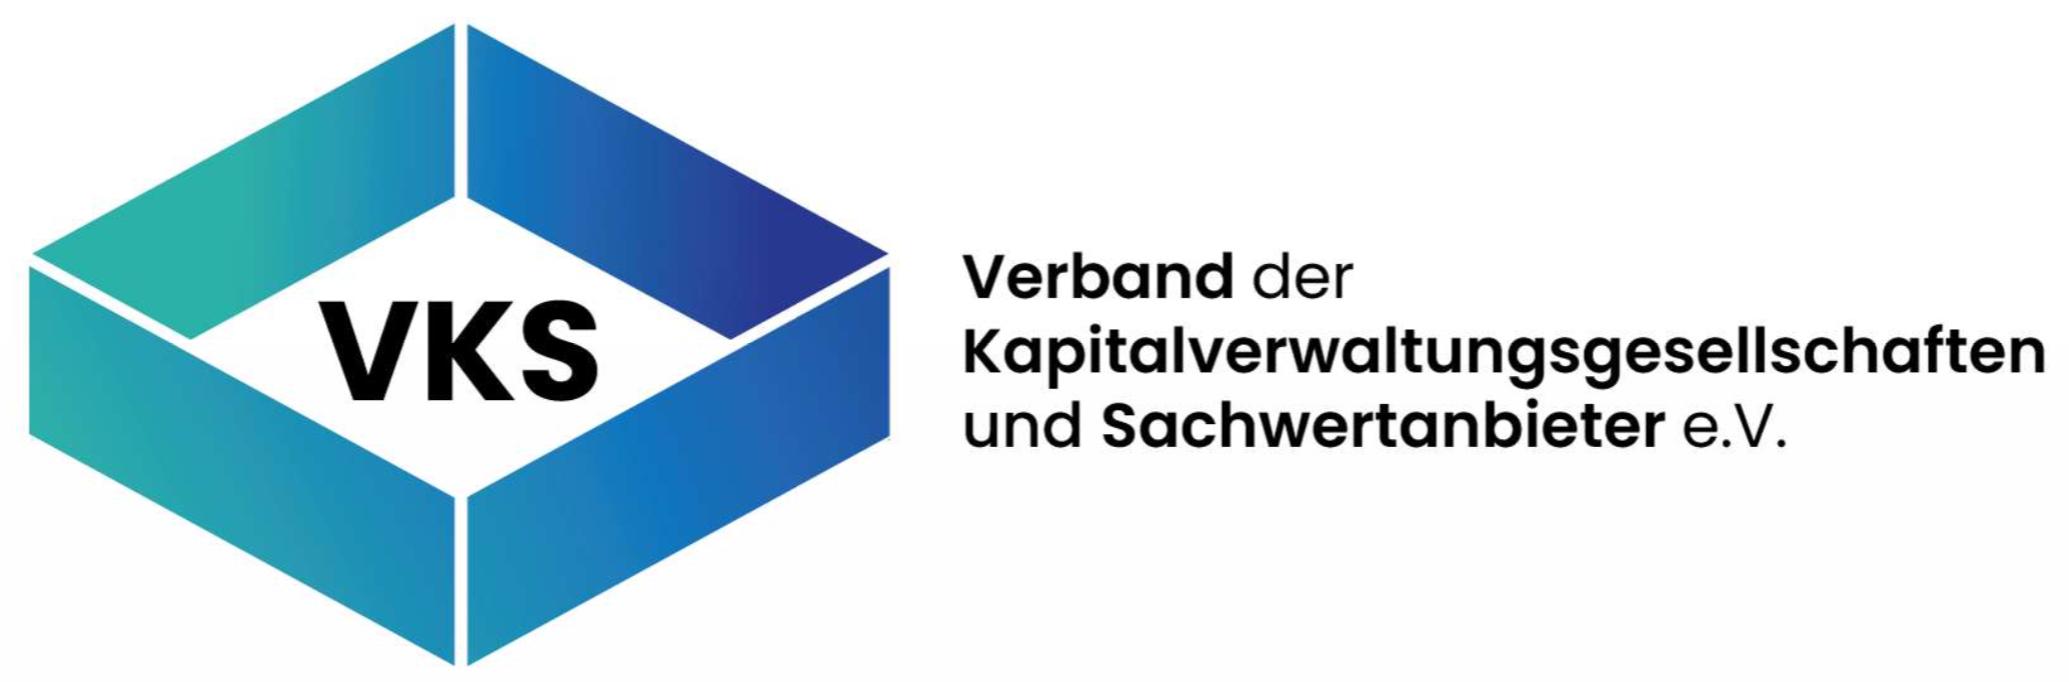 Verband der Kapitalverwaltungsgesellschaften und Sachwertanbieter (VKS) in Hamburg gegründet